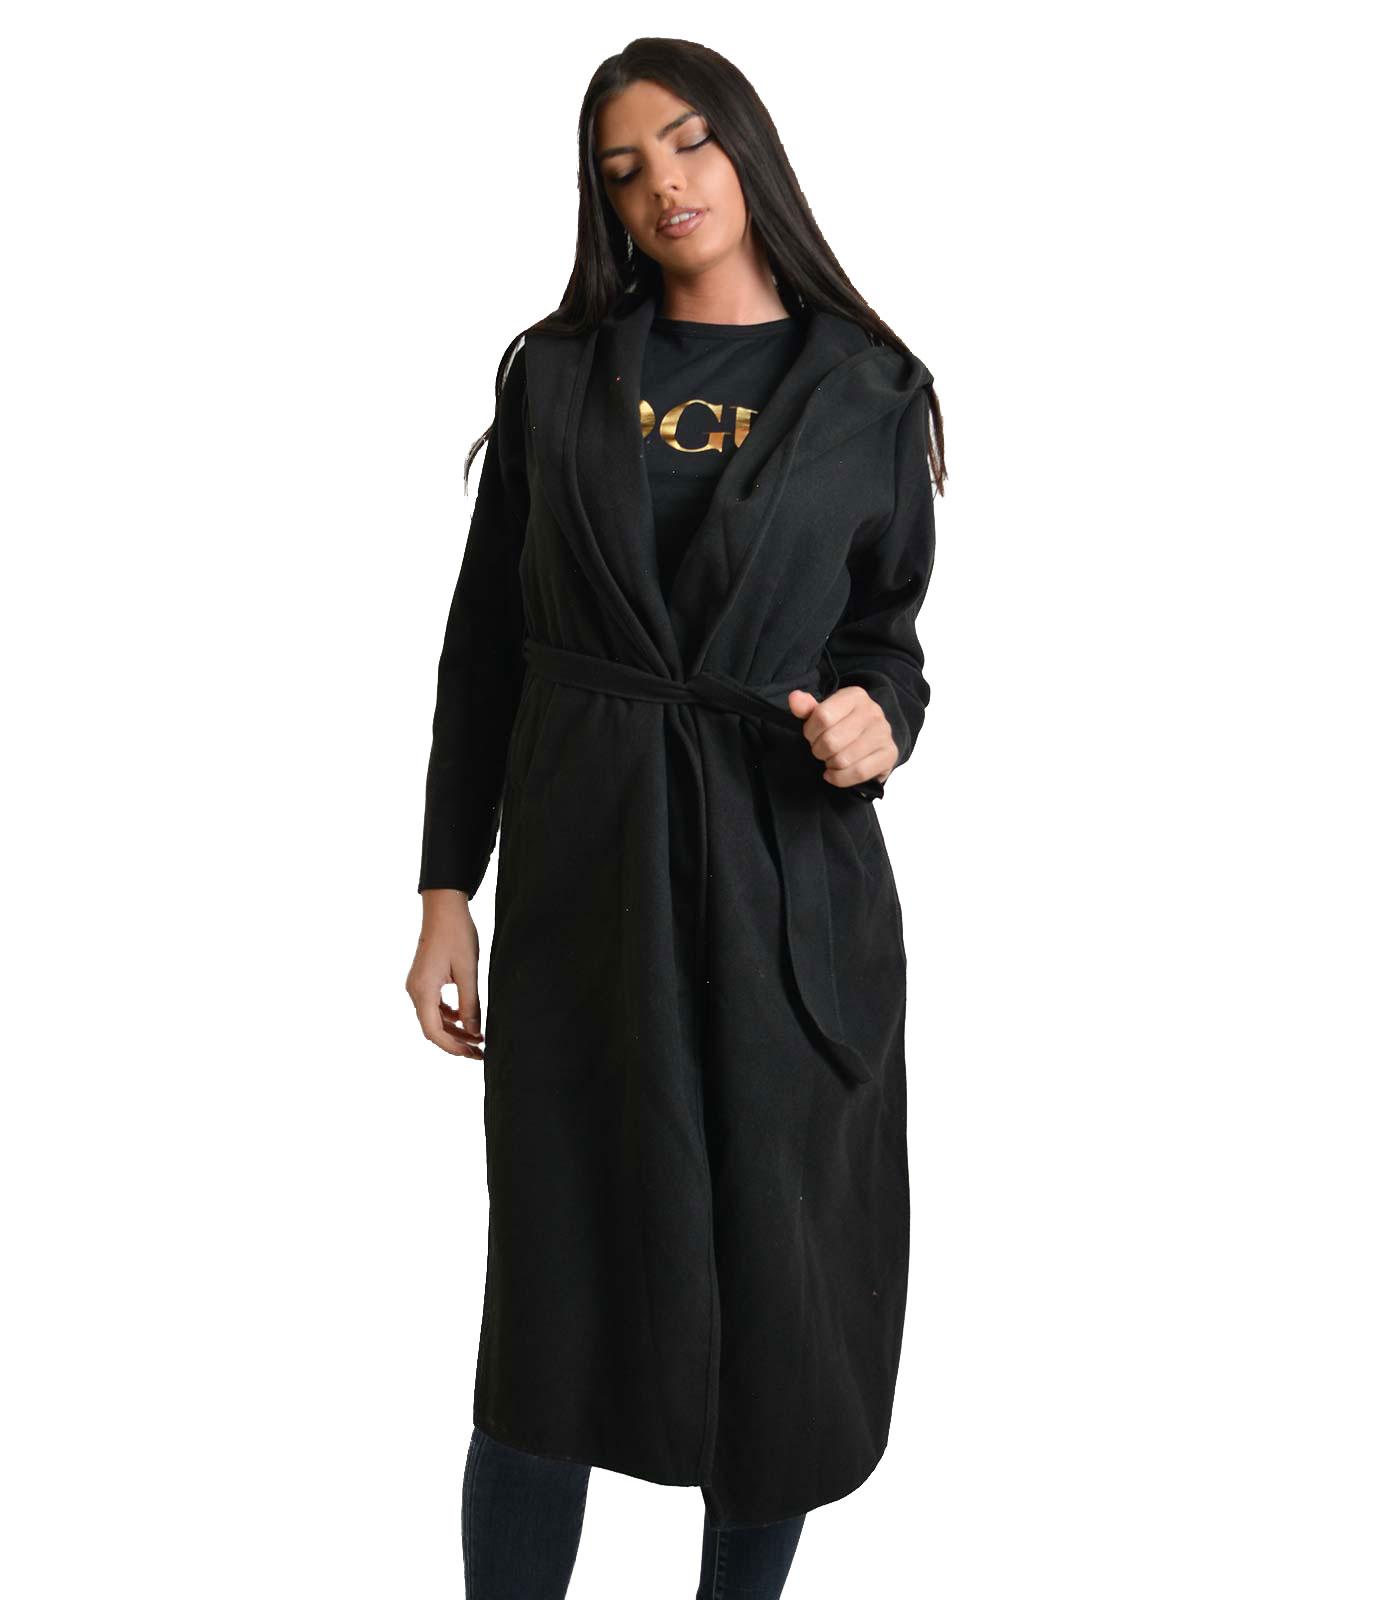 Μαύρο παλτό με κουκούλα και τσέπες